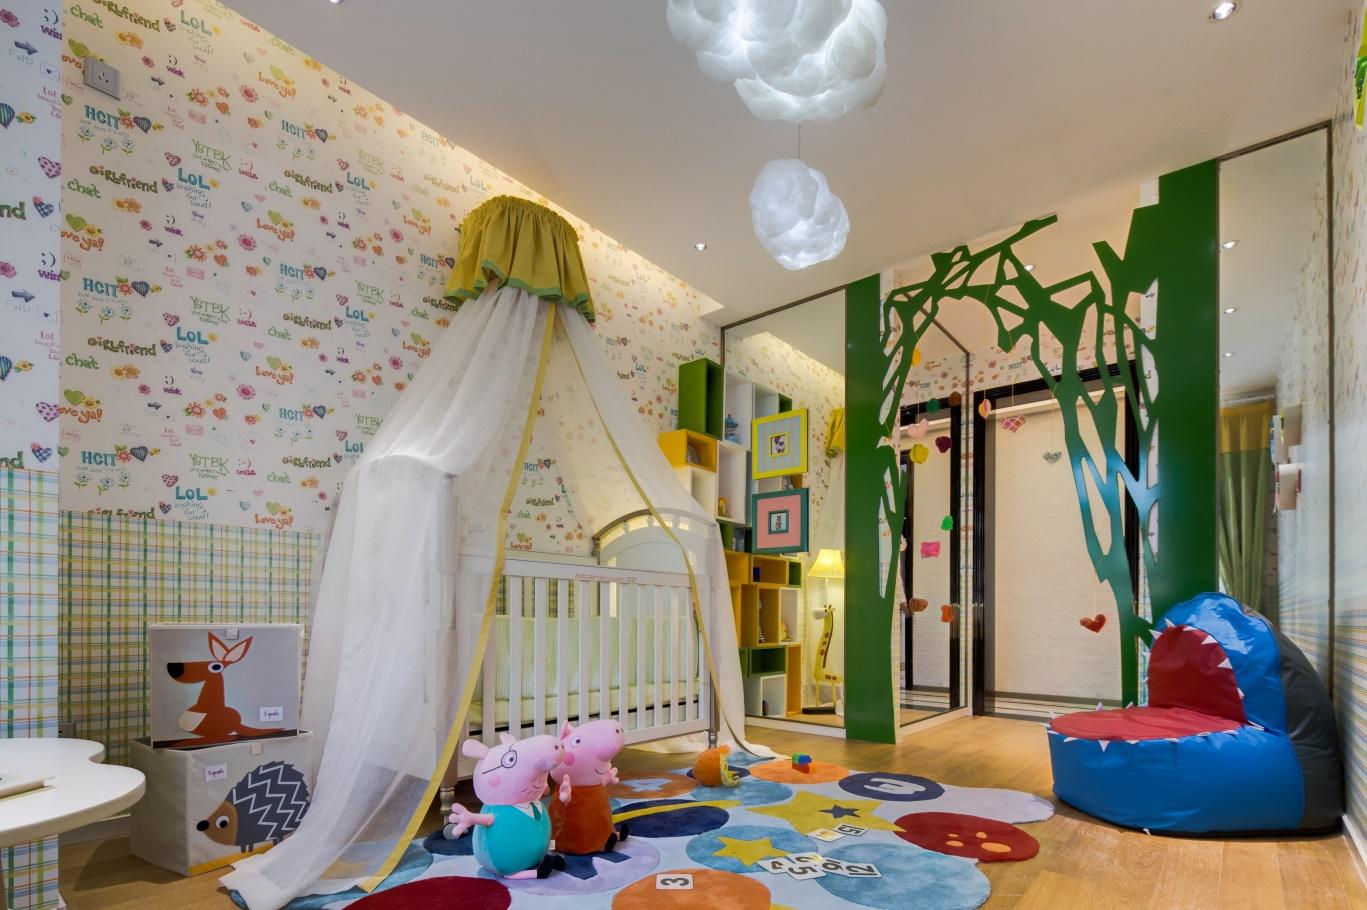 儿童房设计符合现代生活的功能需求,生活氛围更具功能性与实用性。